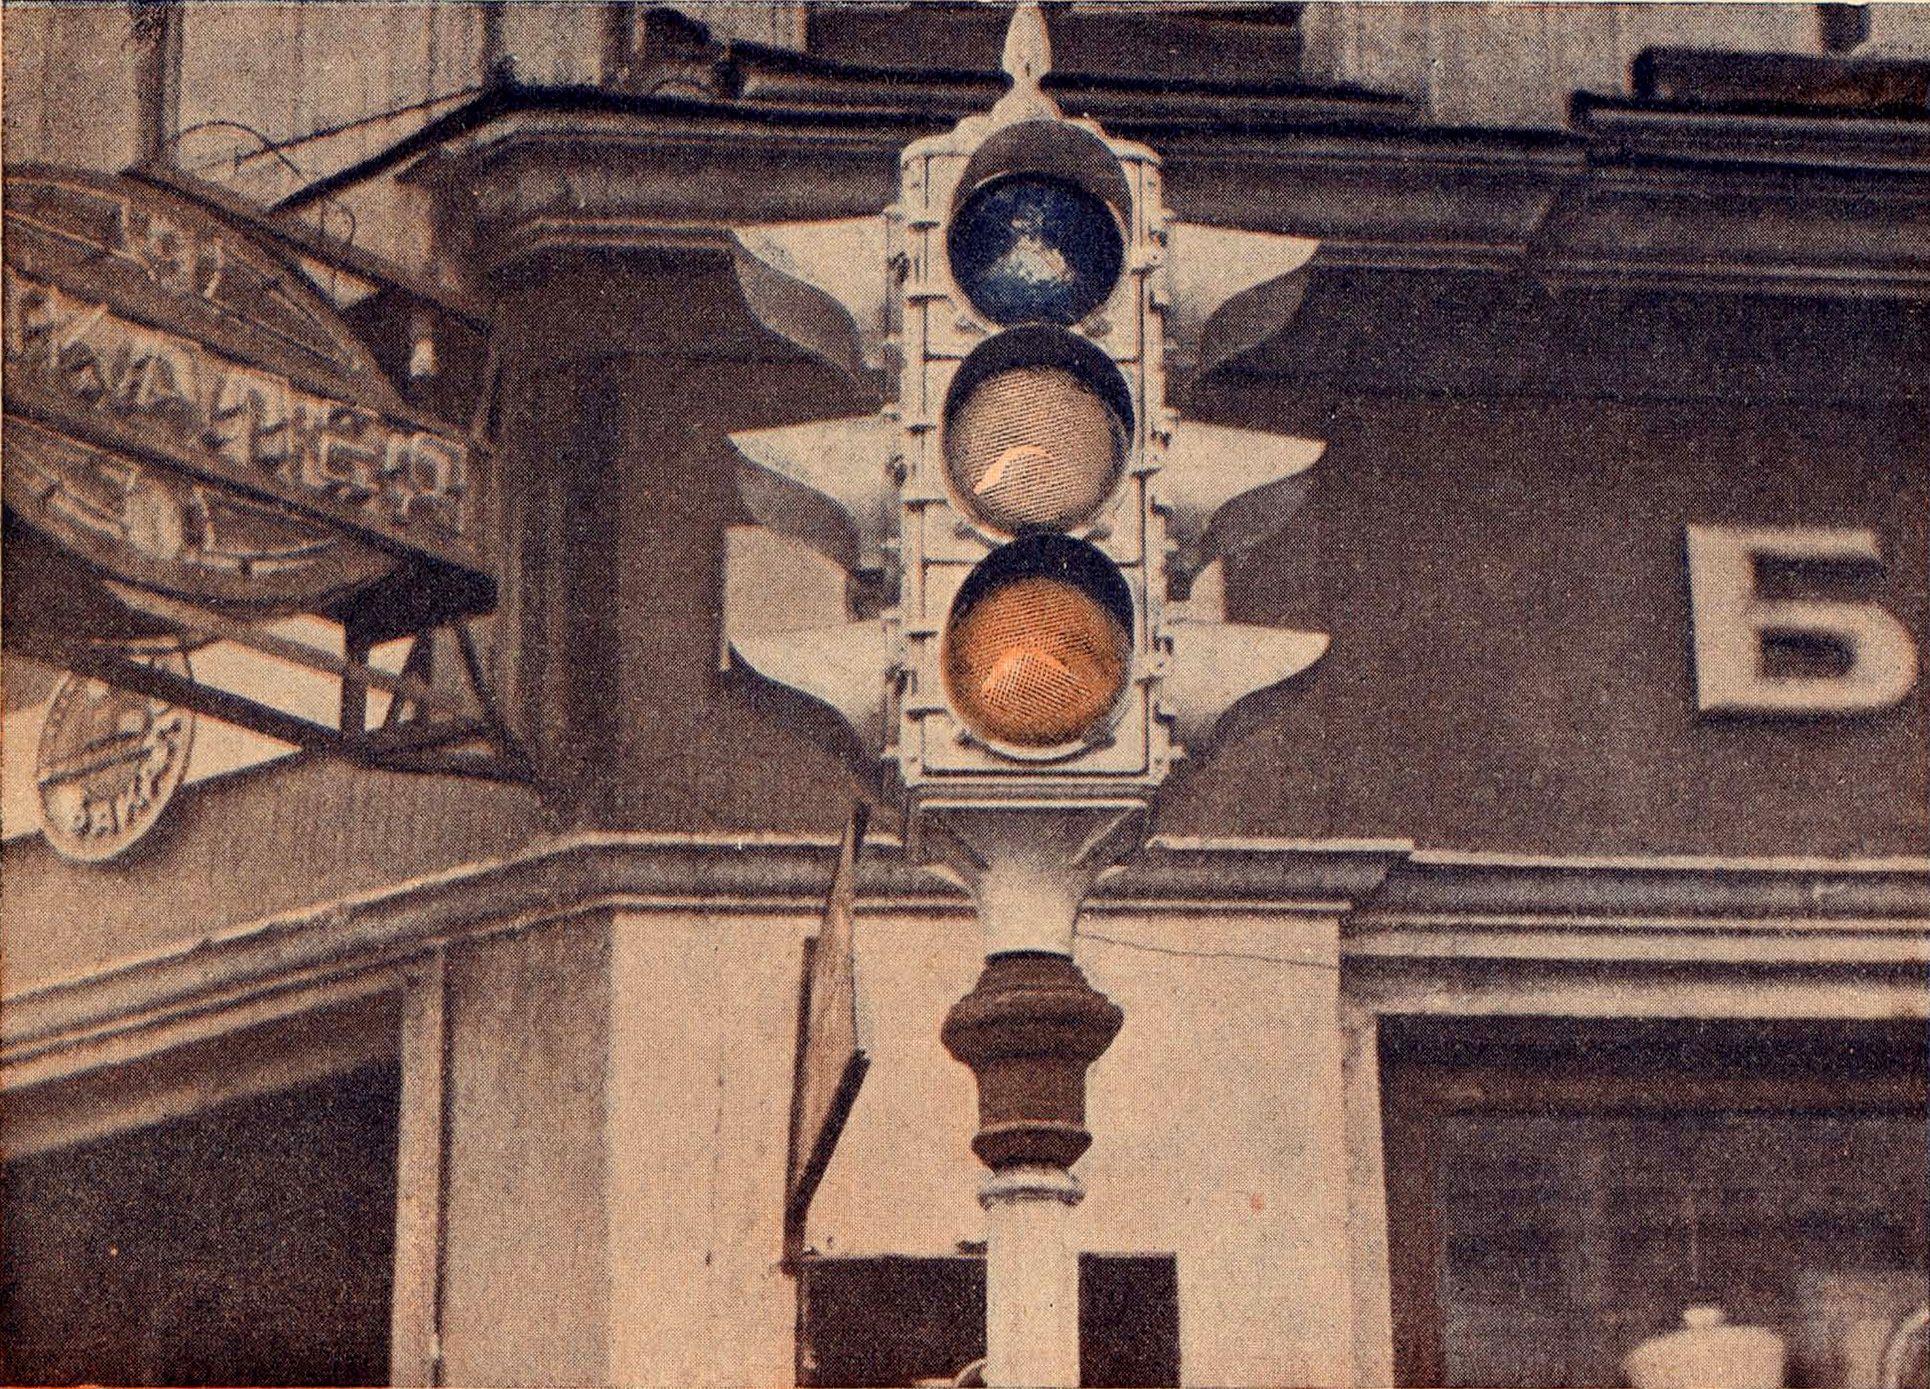 перед первые светофоры в москве картинки отрастили изрядные пузики